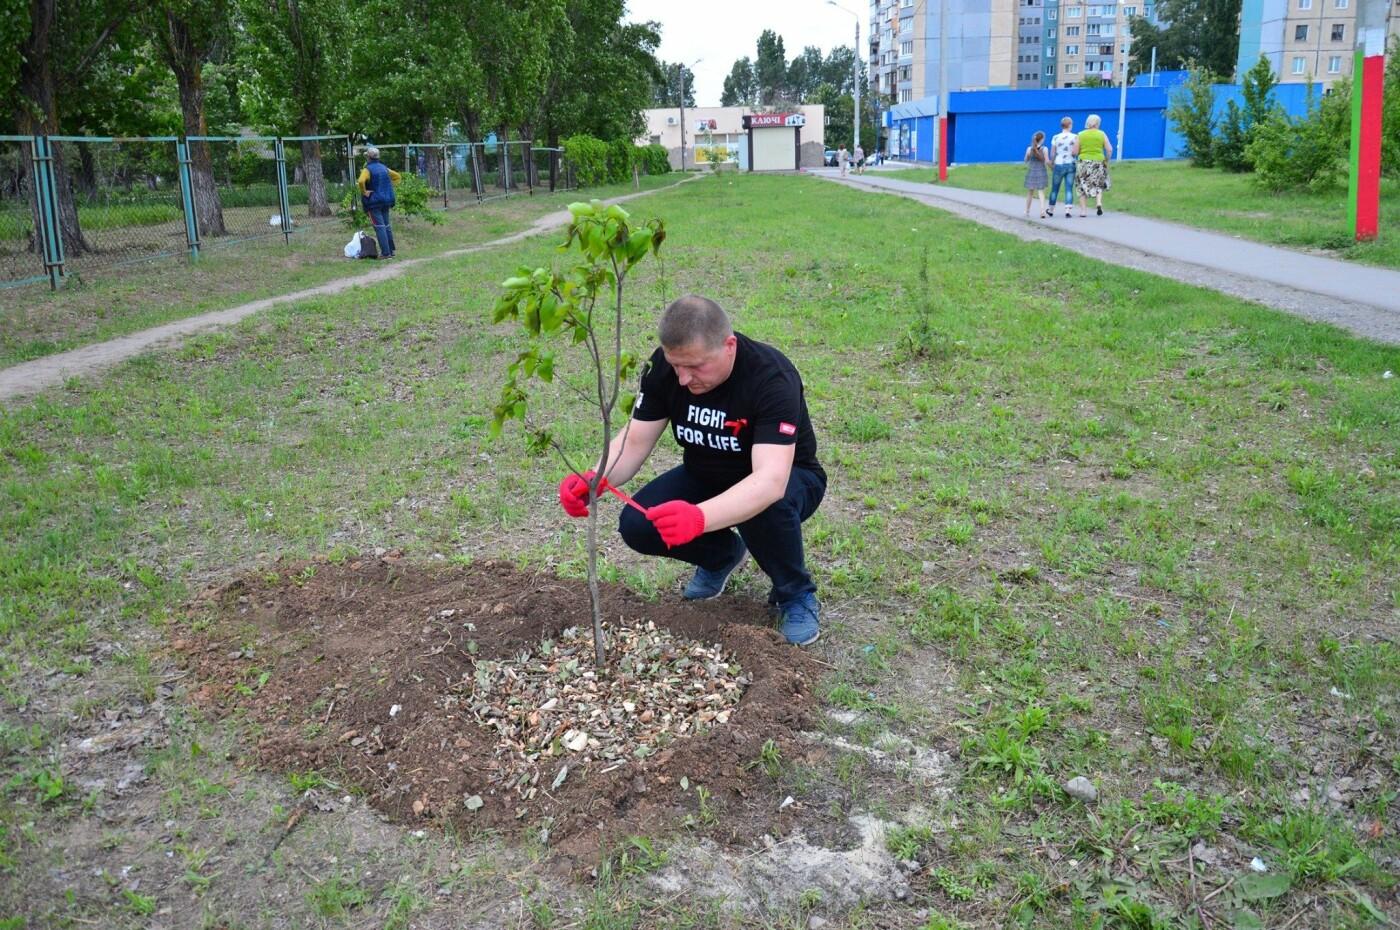 В Кривом Роге появился живой памятник людям, которые умерли из-за СПИДа, - ФОТО , фото-9